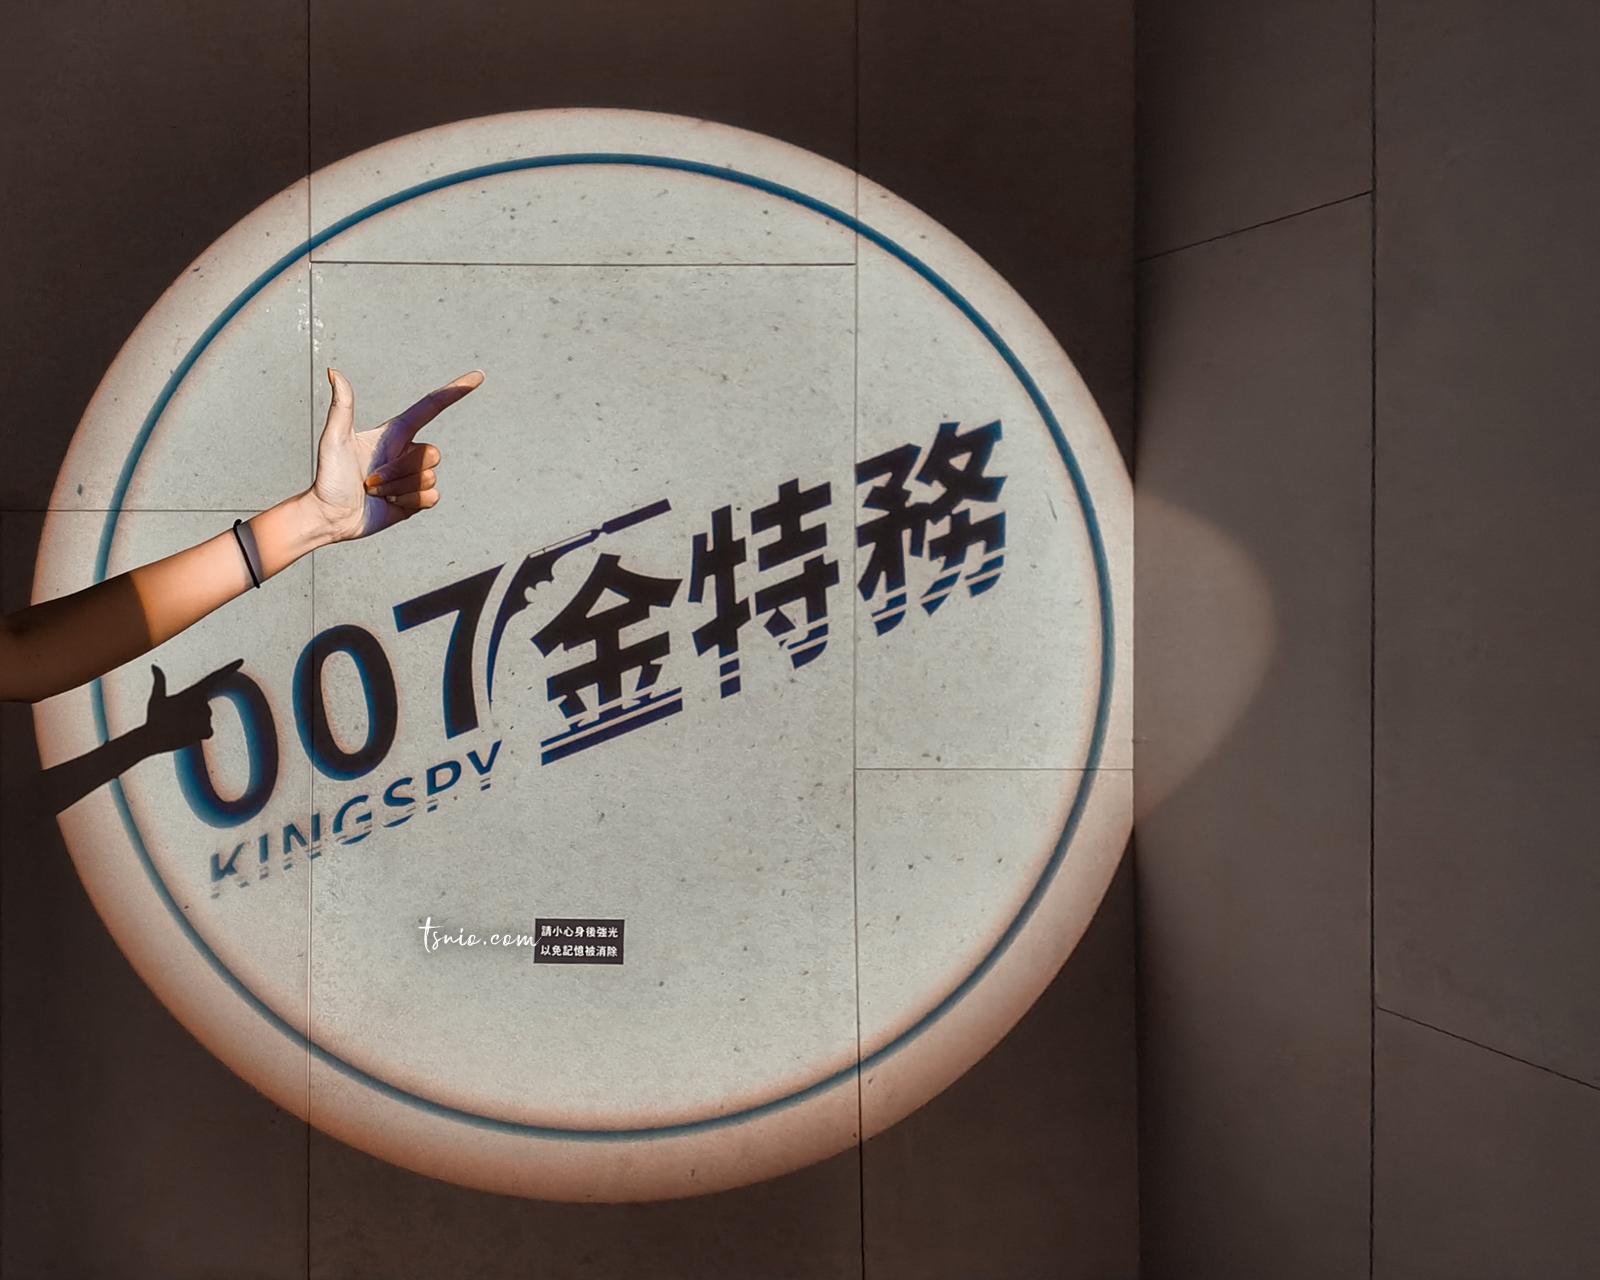 宜蘭金特務007 發掘特務潛能實戰競技 2021宜蘭景點第一站推薦